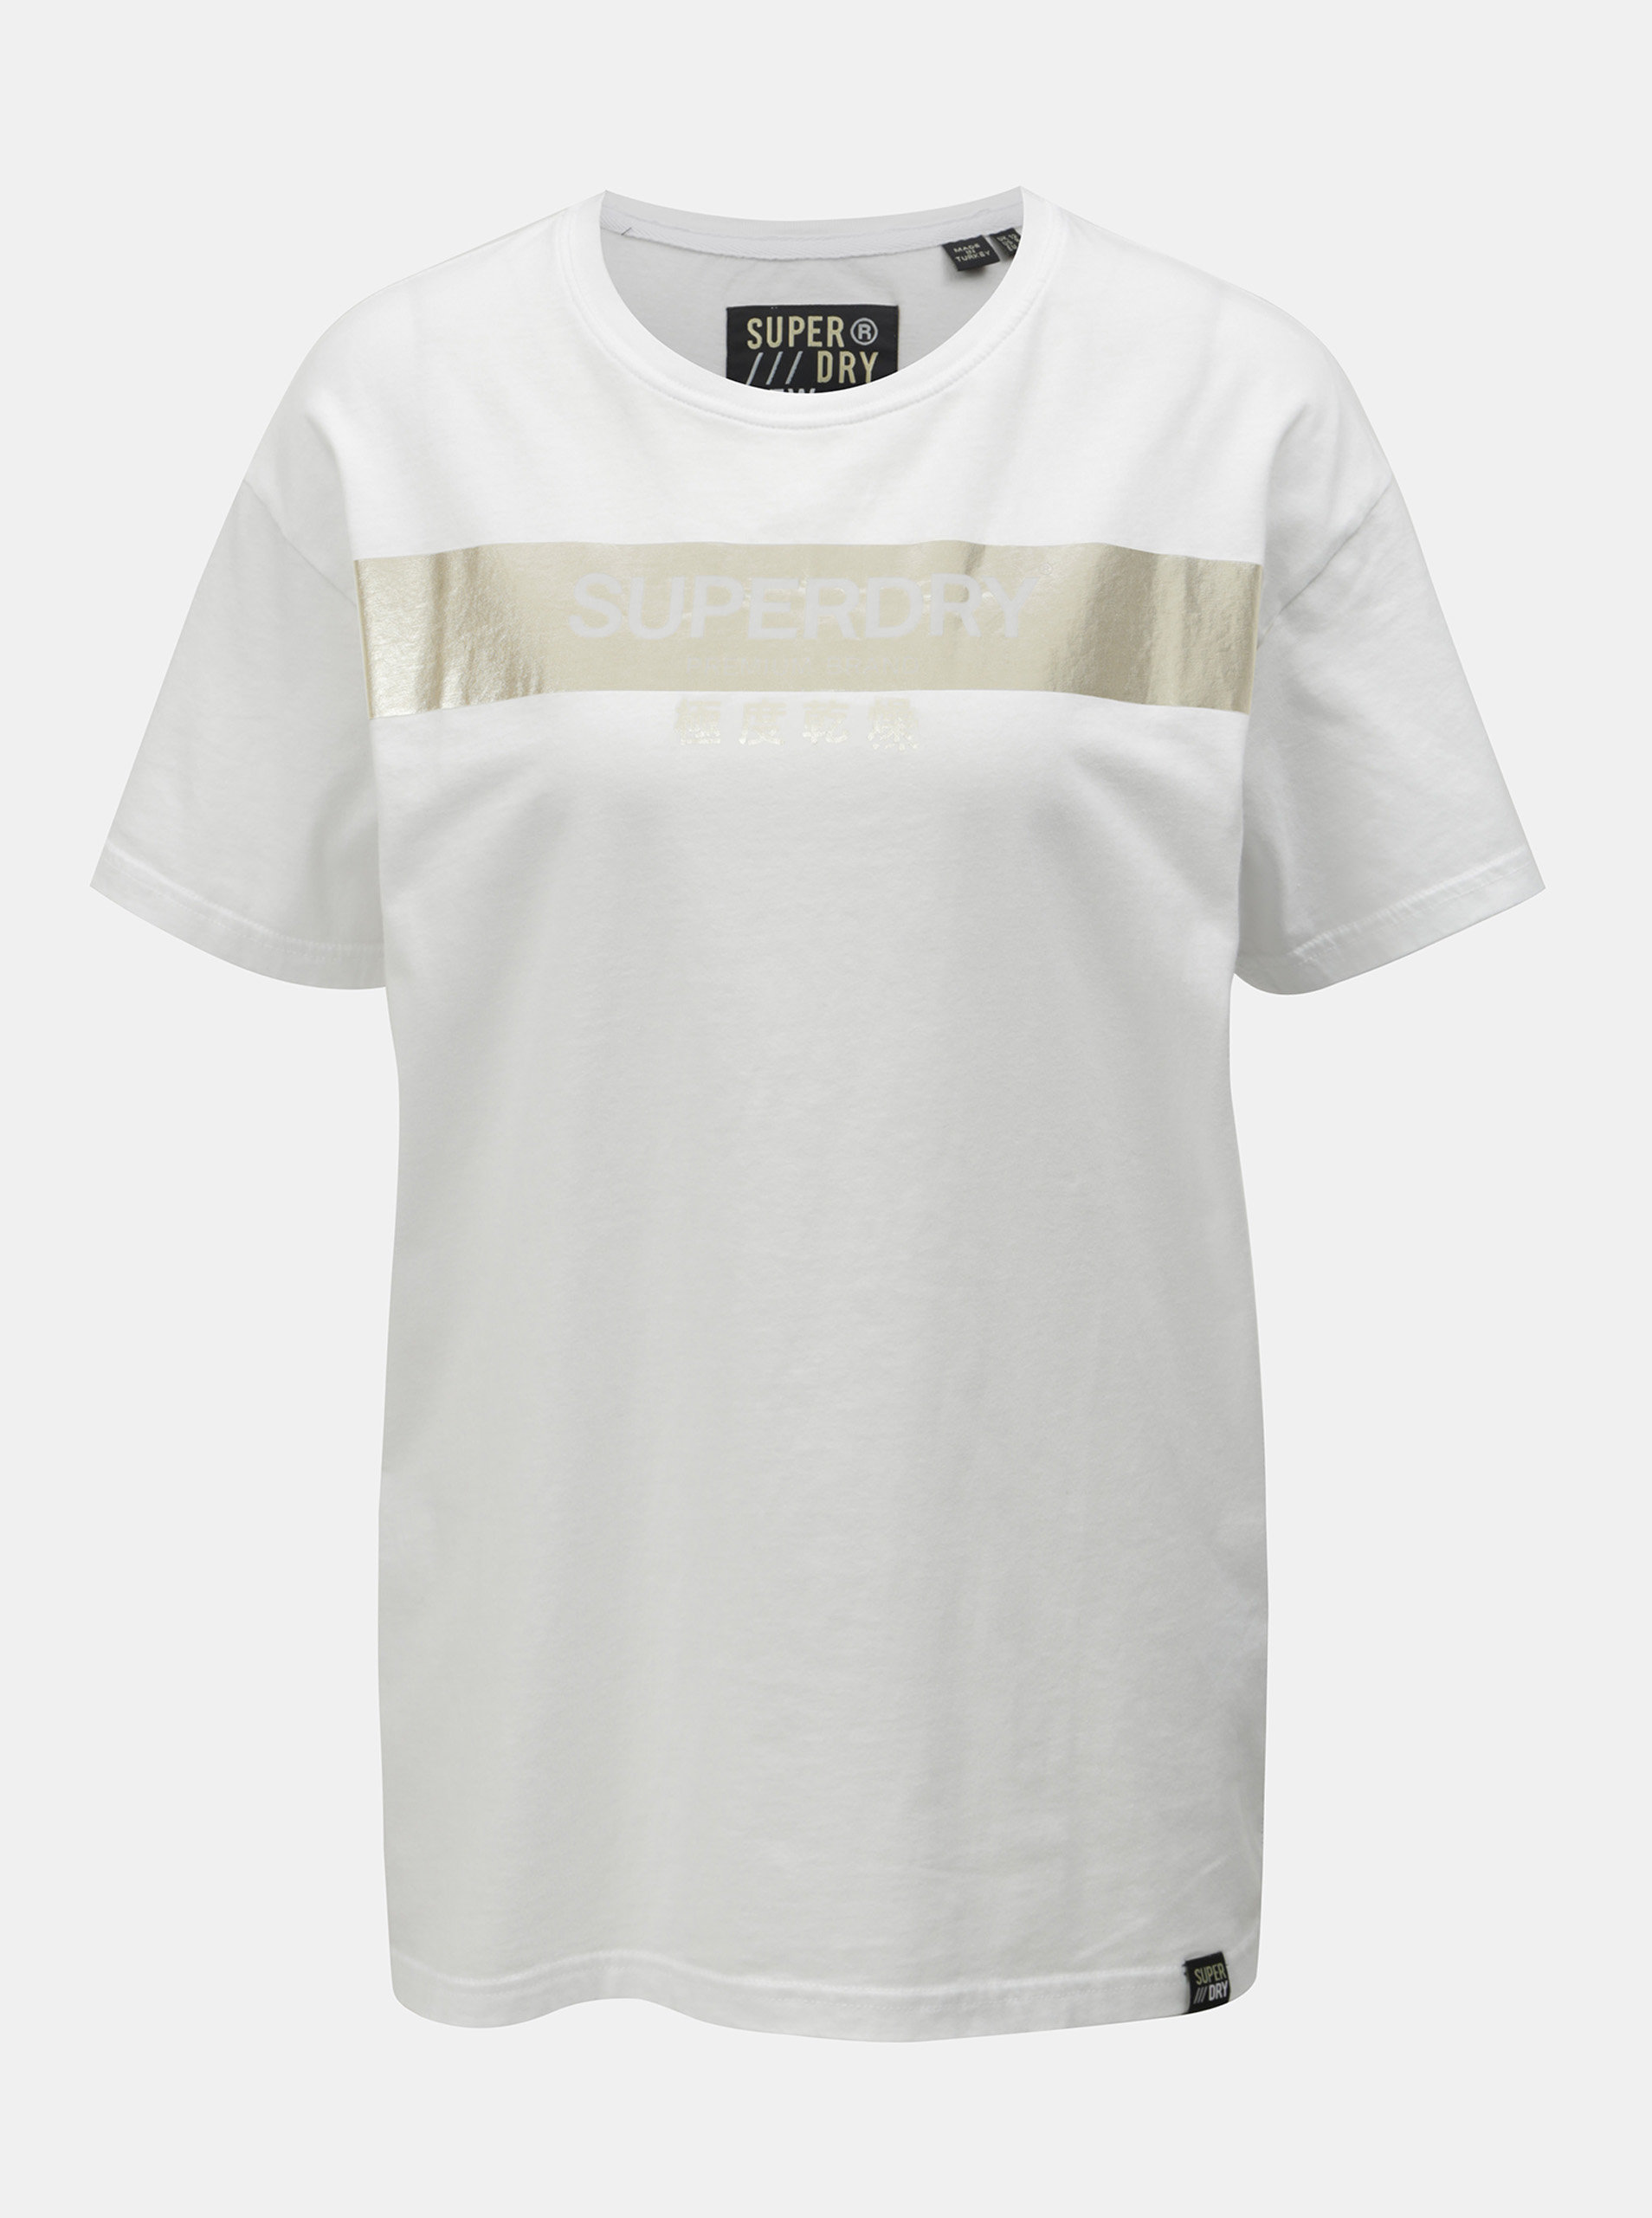 b59941d1ce0 Biele dámske voľné tričko s potlačou Superdry ...